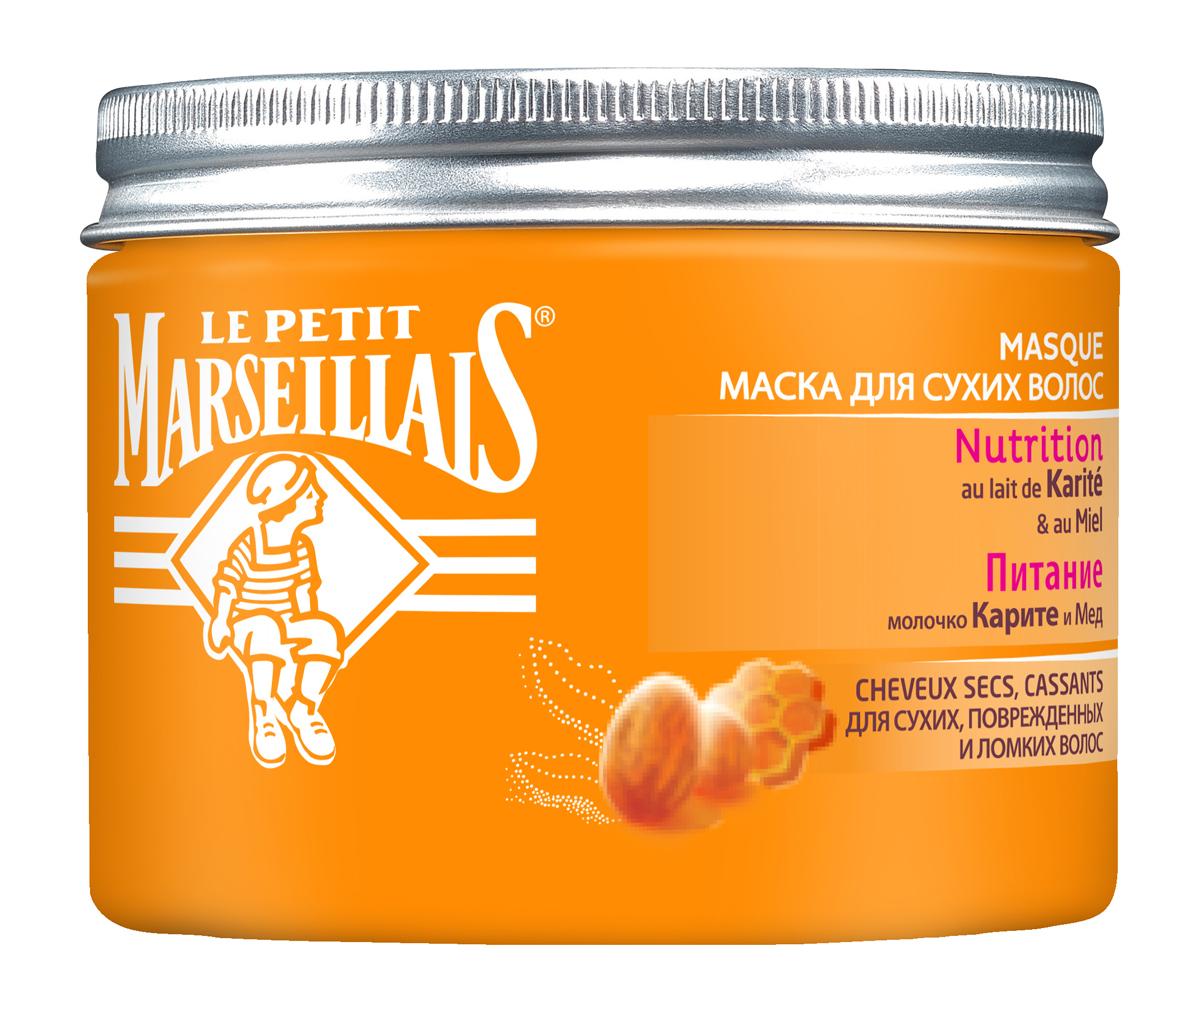 Le Petit Marseillais Маска Масло карите и мед, для сухих волос, 300 мл47483/76116Маска Le Petit Marseillais Масло карите и мед - питательная маска, благодаря маслу карите в составе, прекрасно восстанавливает и смягчает сухие, ломкие и поврежденные волосы, возвращает им жизненную силу. Применение : нанесите на влажные волосы по всей длине, оставьте на 3 минуты для достижения максимального эффекта и смойте.